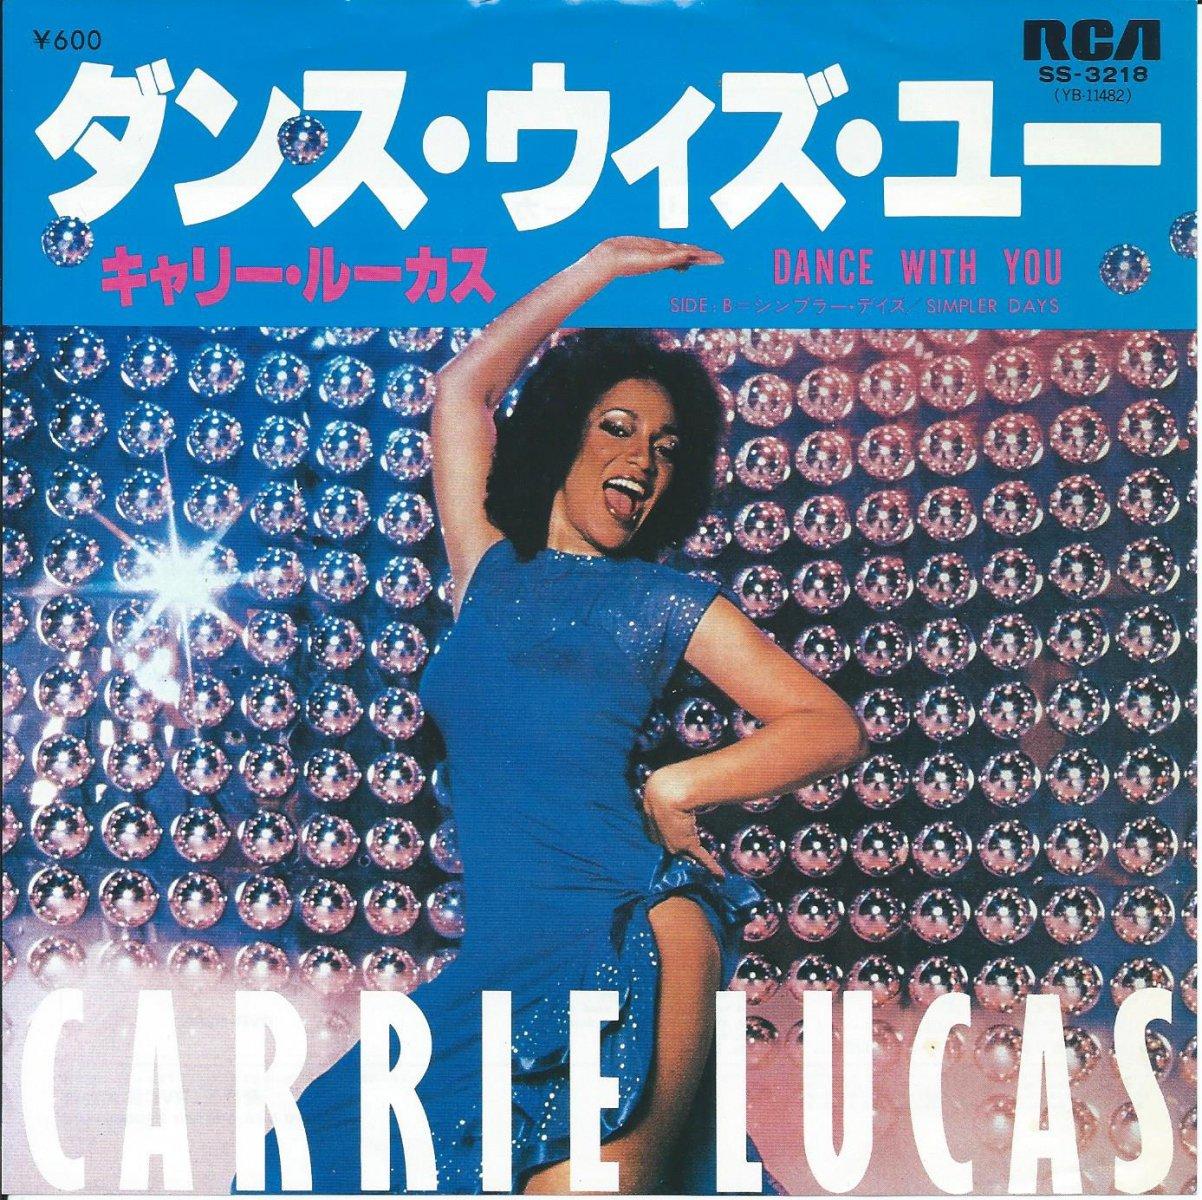 キャリー・ルーカス CARRIE LUCAS / ダンス・ウィズ・ユー DANCE WITH YOU / シンプラー・デイズ SIMPLER DAYS (7